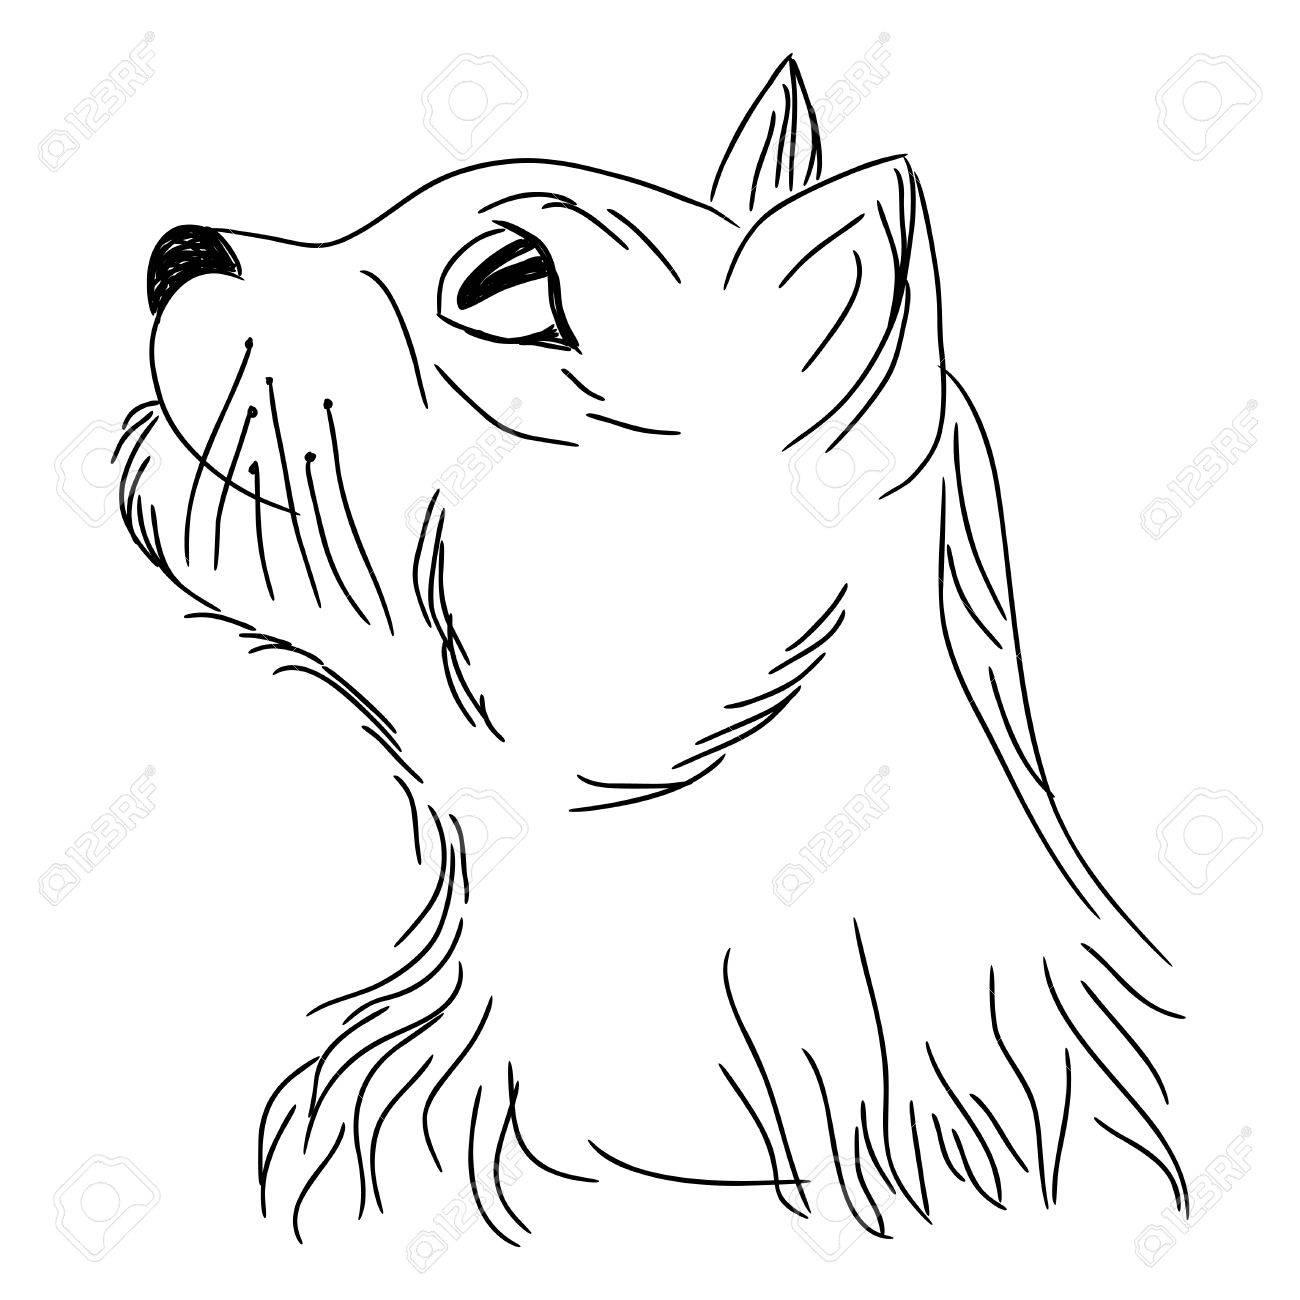 cat in profile looking up portrait sketching cartoon vector